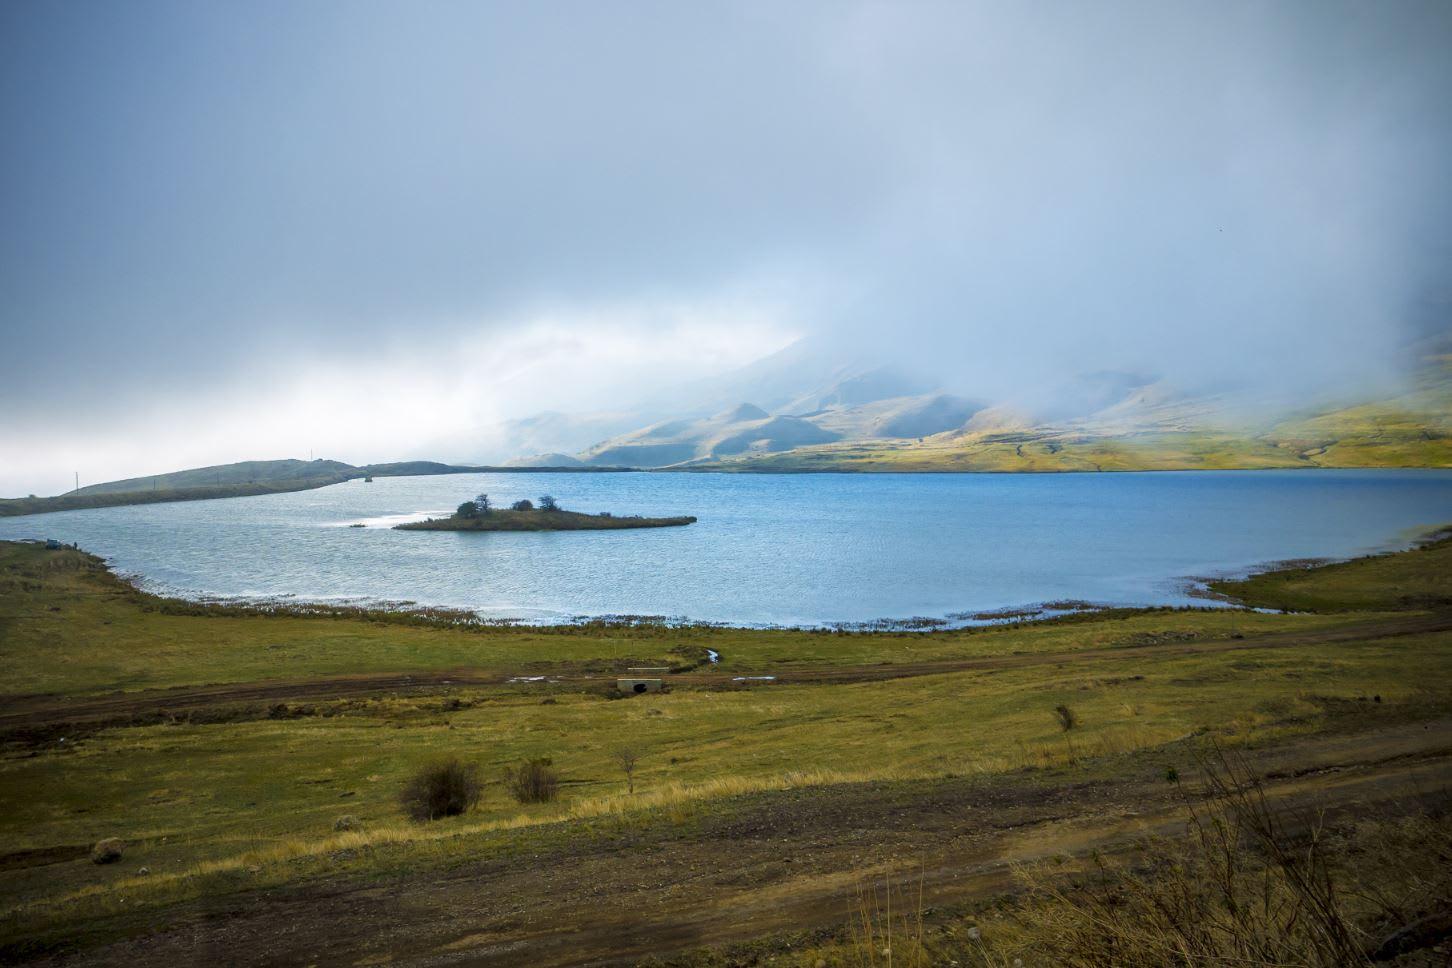 """بحيرة غريبة تجذب الزائرين.. ما سر """"الجزيرة"""" التي تتحرك في وسطها؟"""